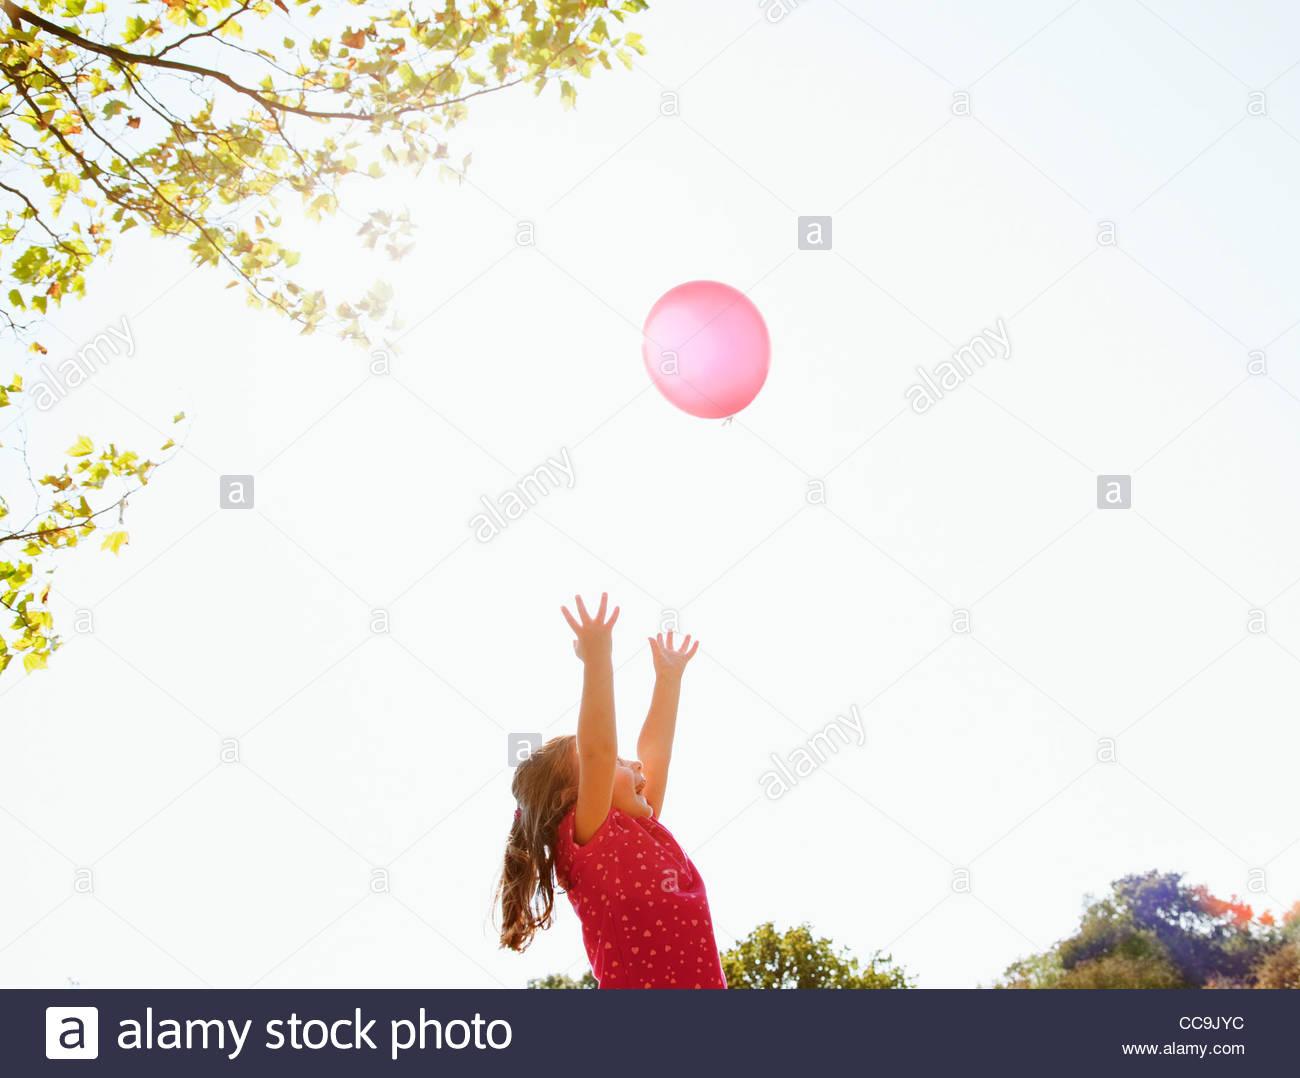 Pour atteindre fille ballon rouge à sunny sky Photo Stock